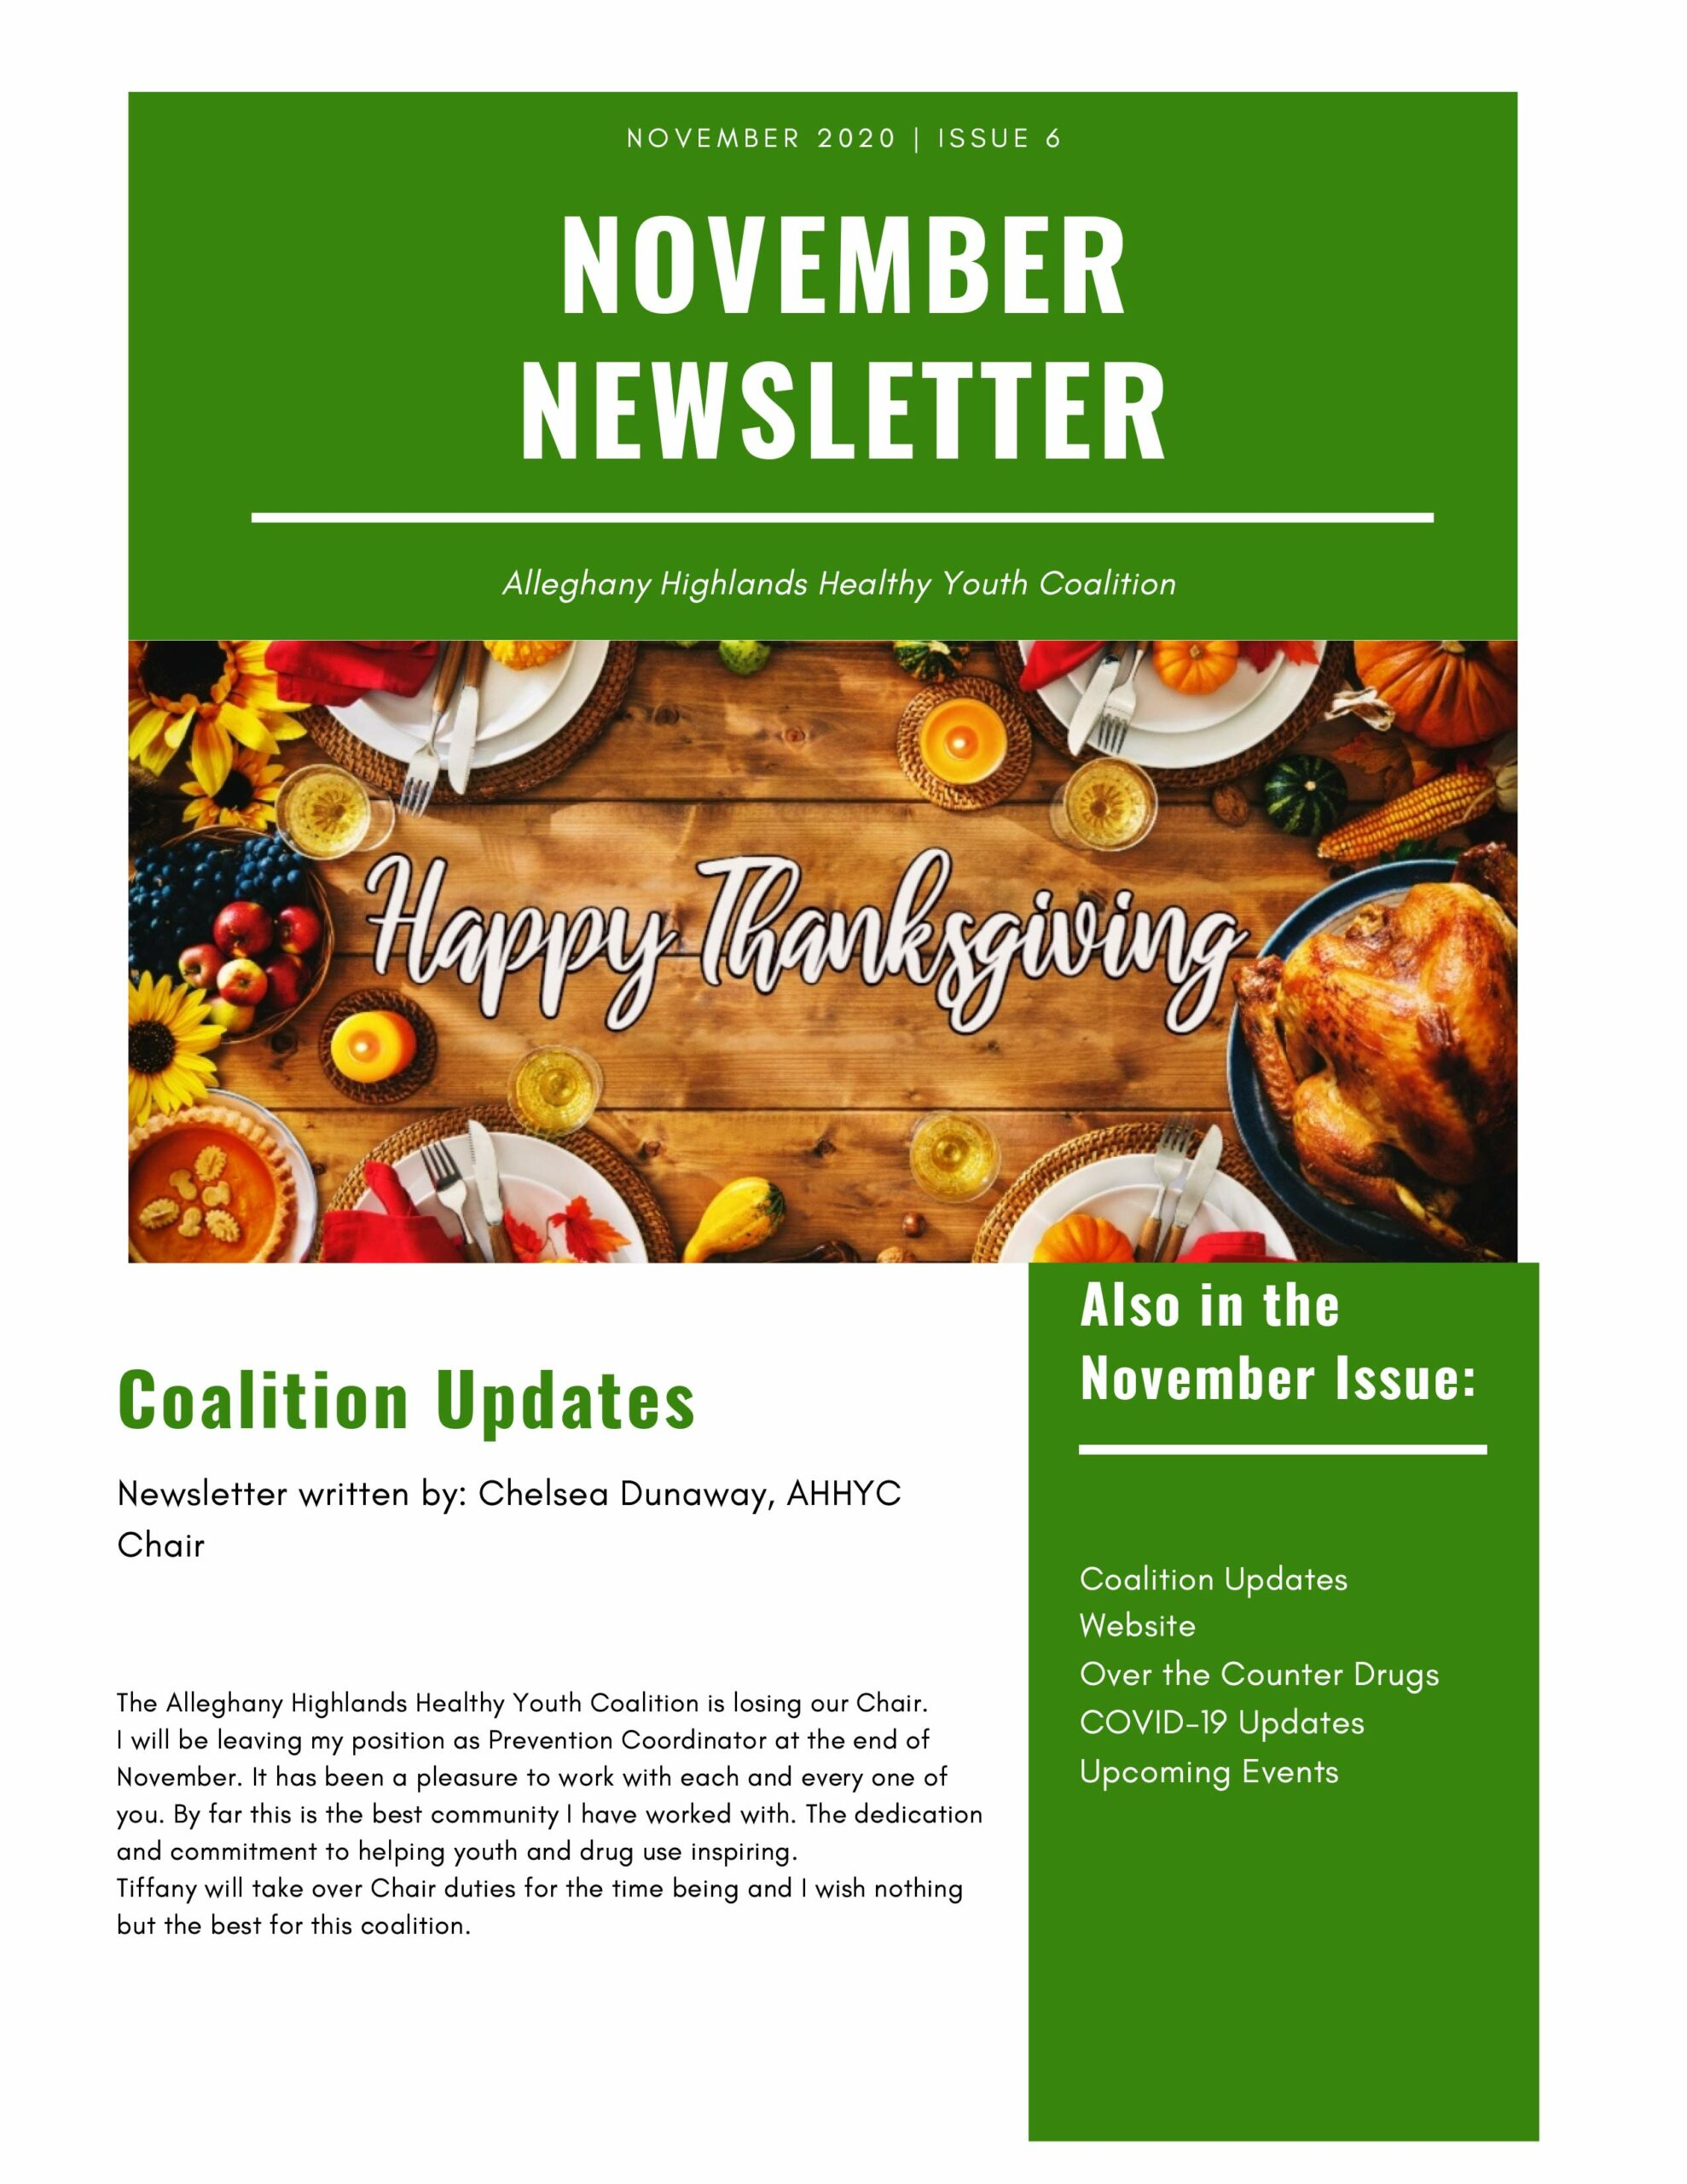 November Coalition Newsletter 1